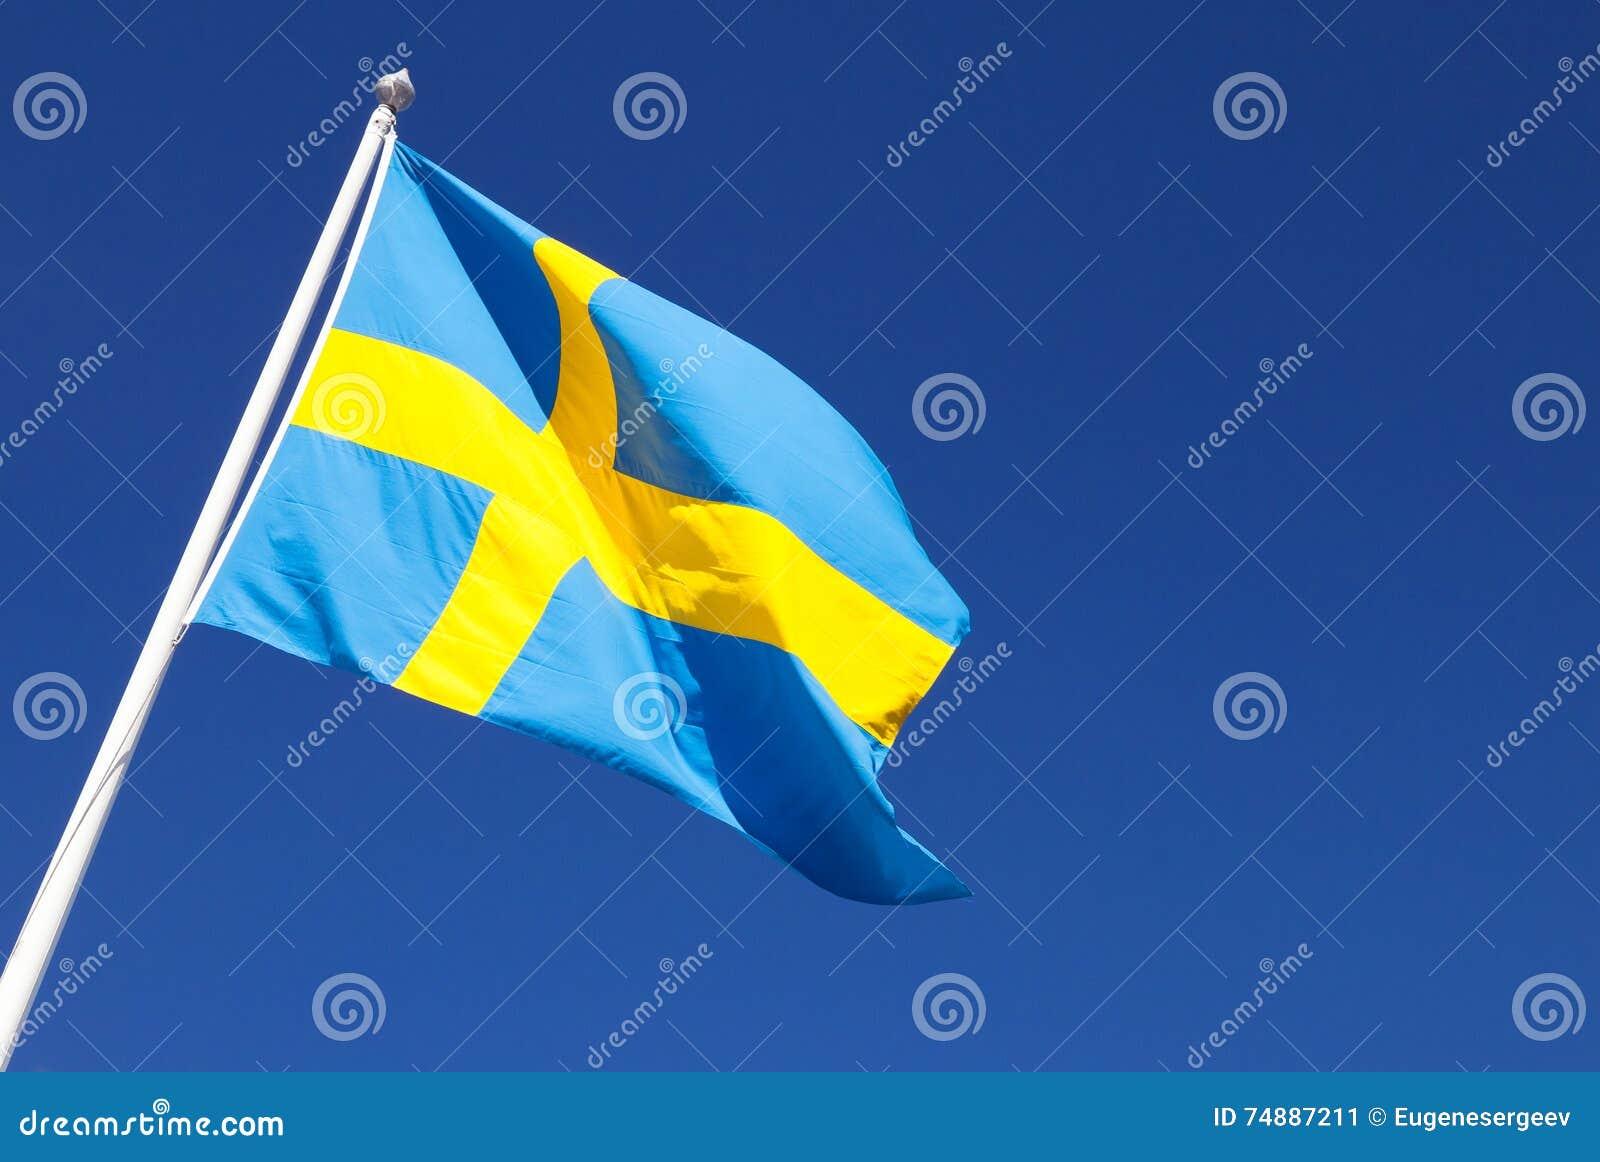 Ondulação na bandeira sueco do vento sobre o céu azul profundo